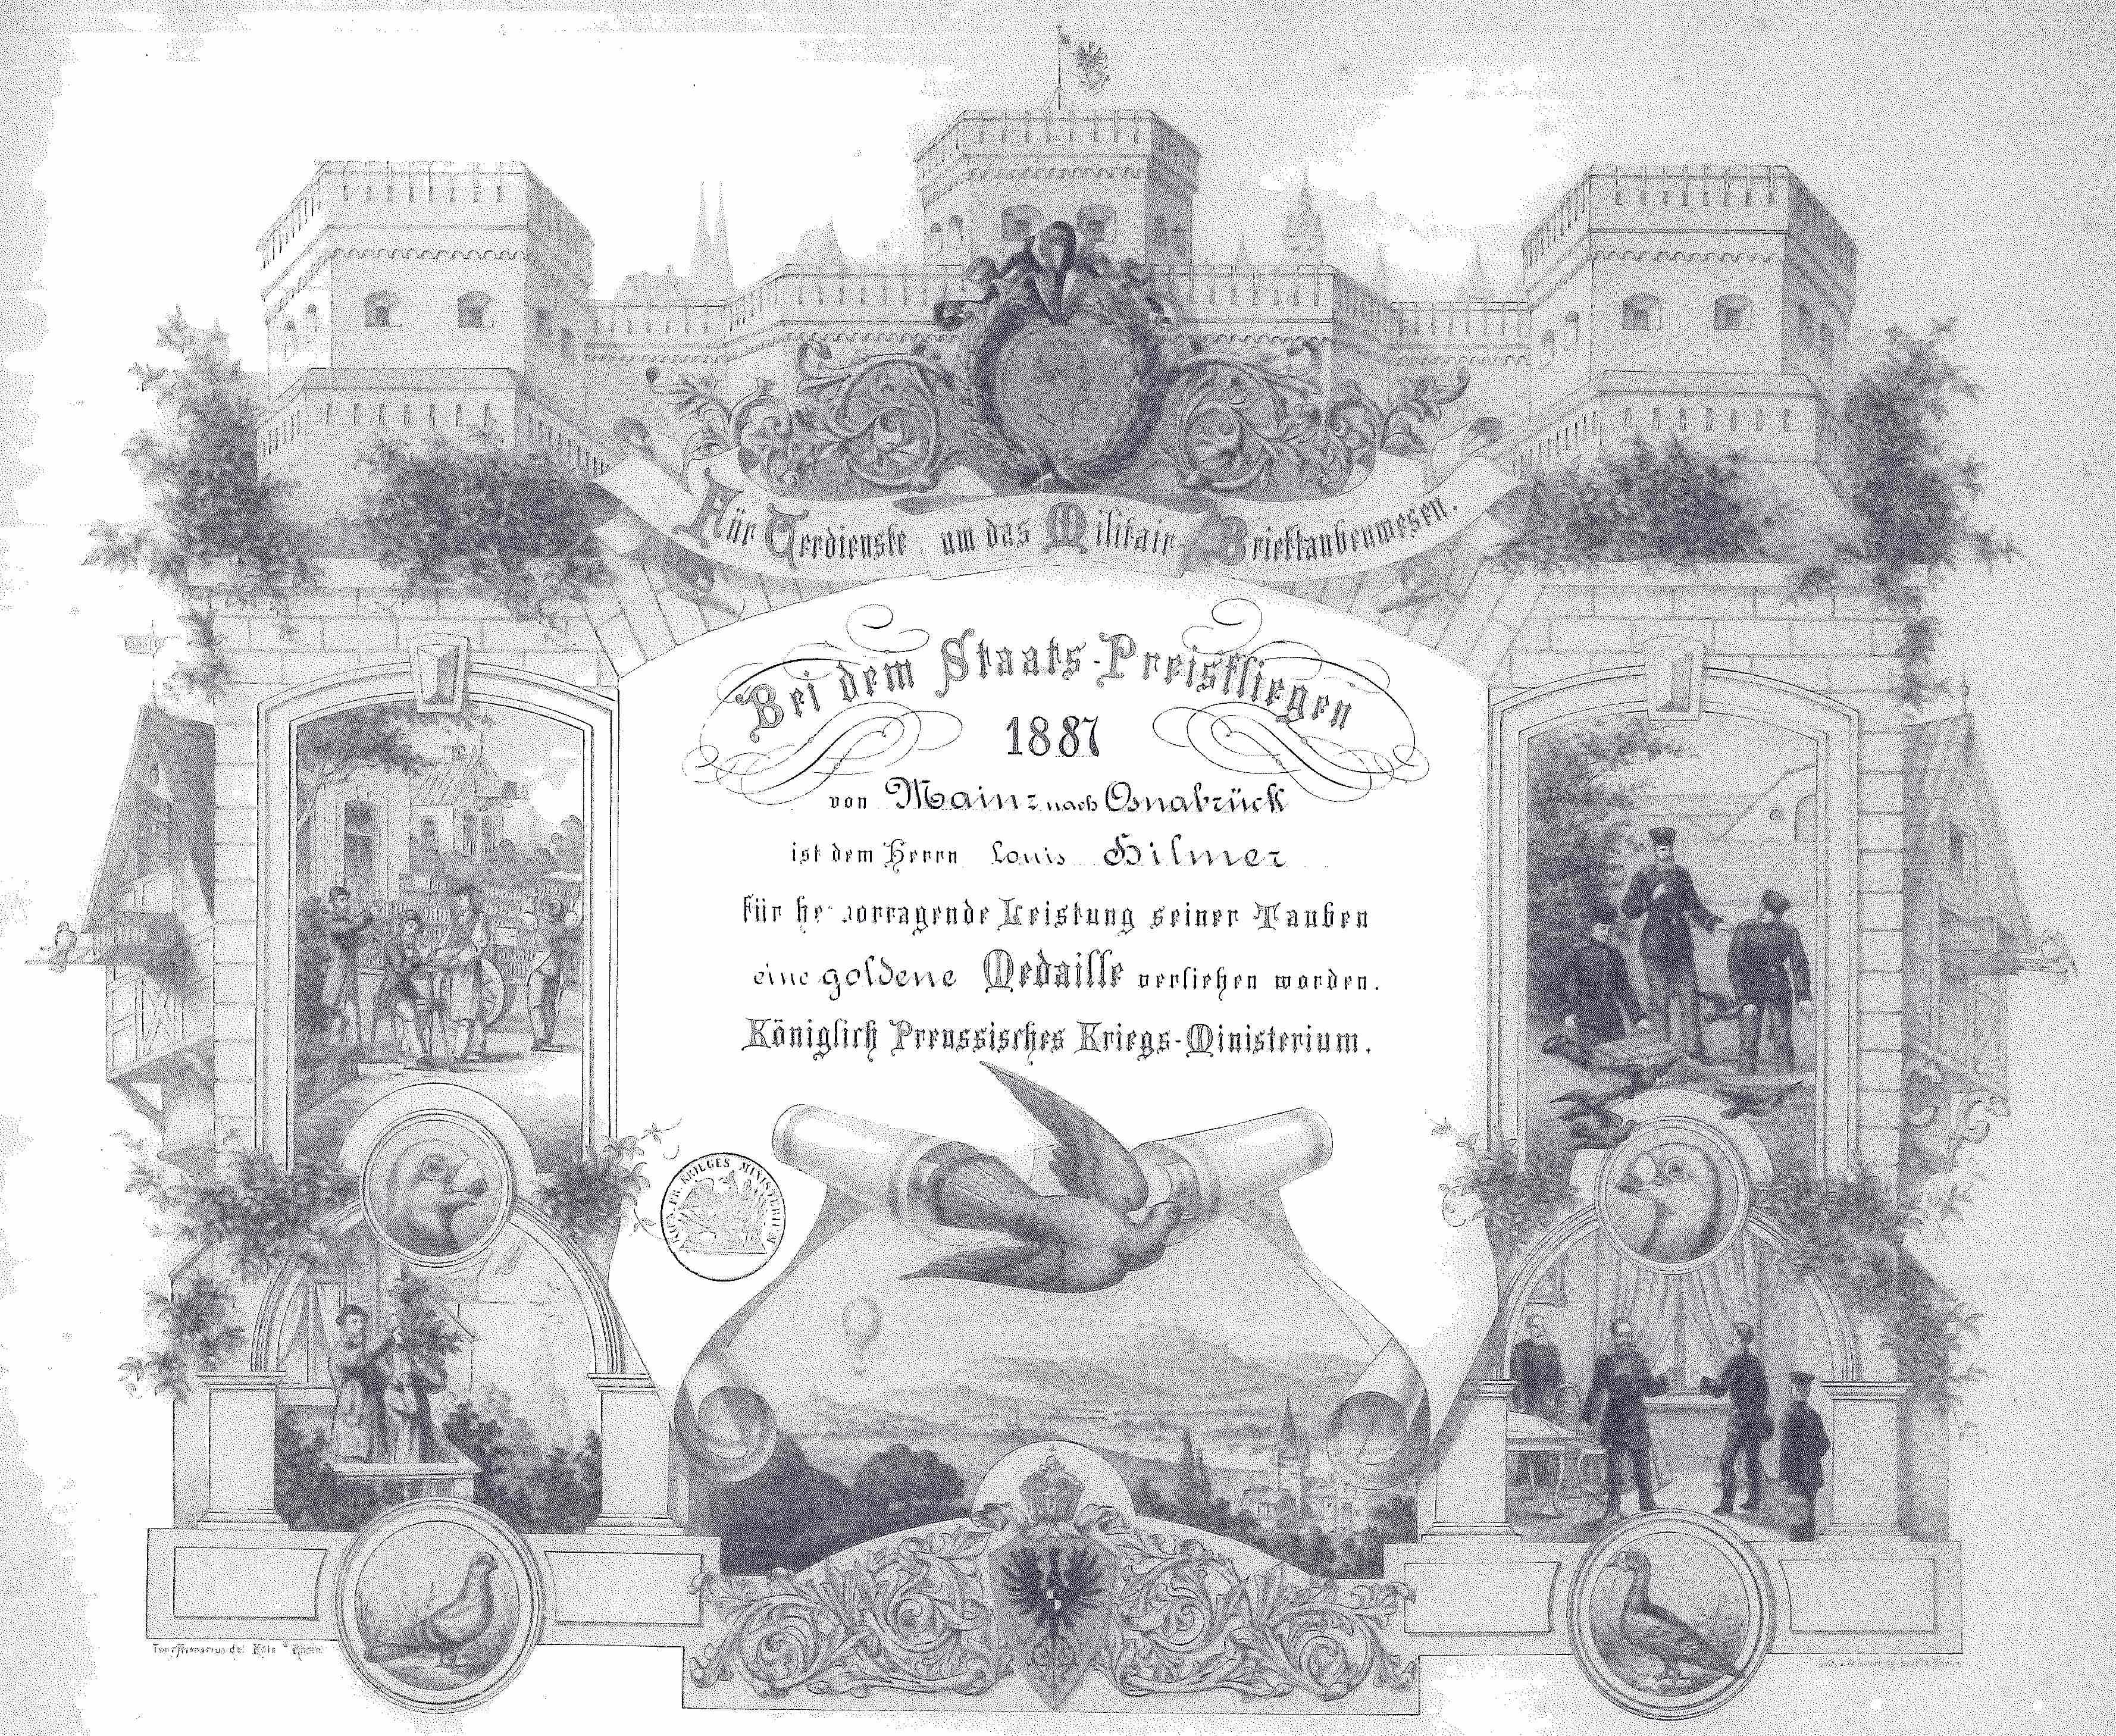 Diplom für Verdienste um das Militär-Brieftaubenwesen 1887, Verband Deutscher Brieftaubenzüchter, Geschichte der Brieftaube, Brieftaube